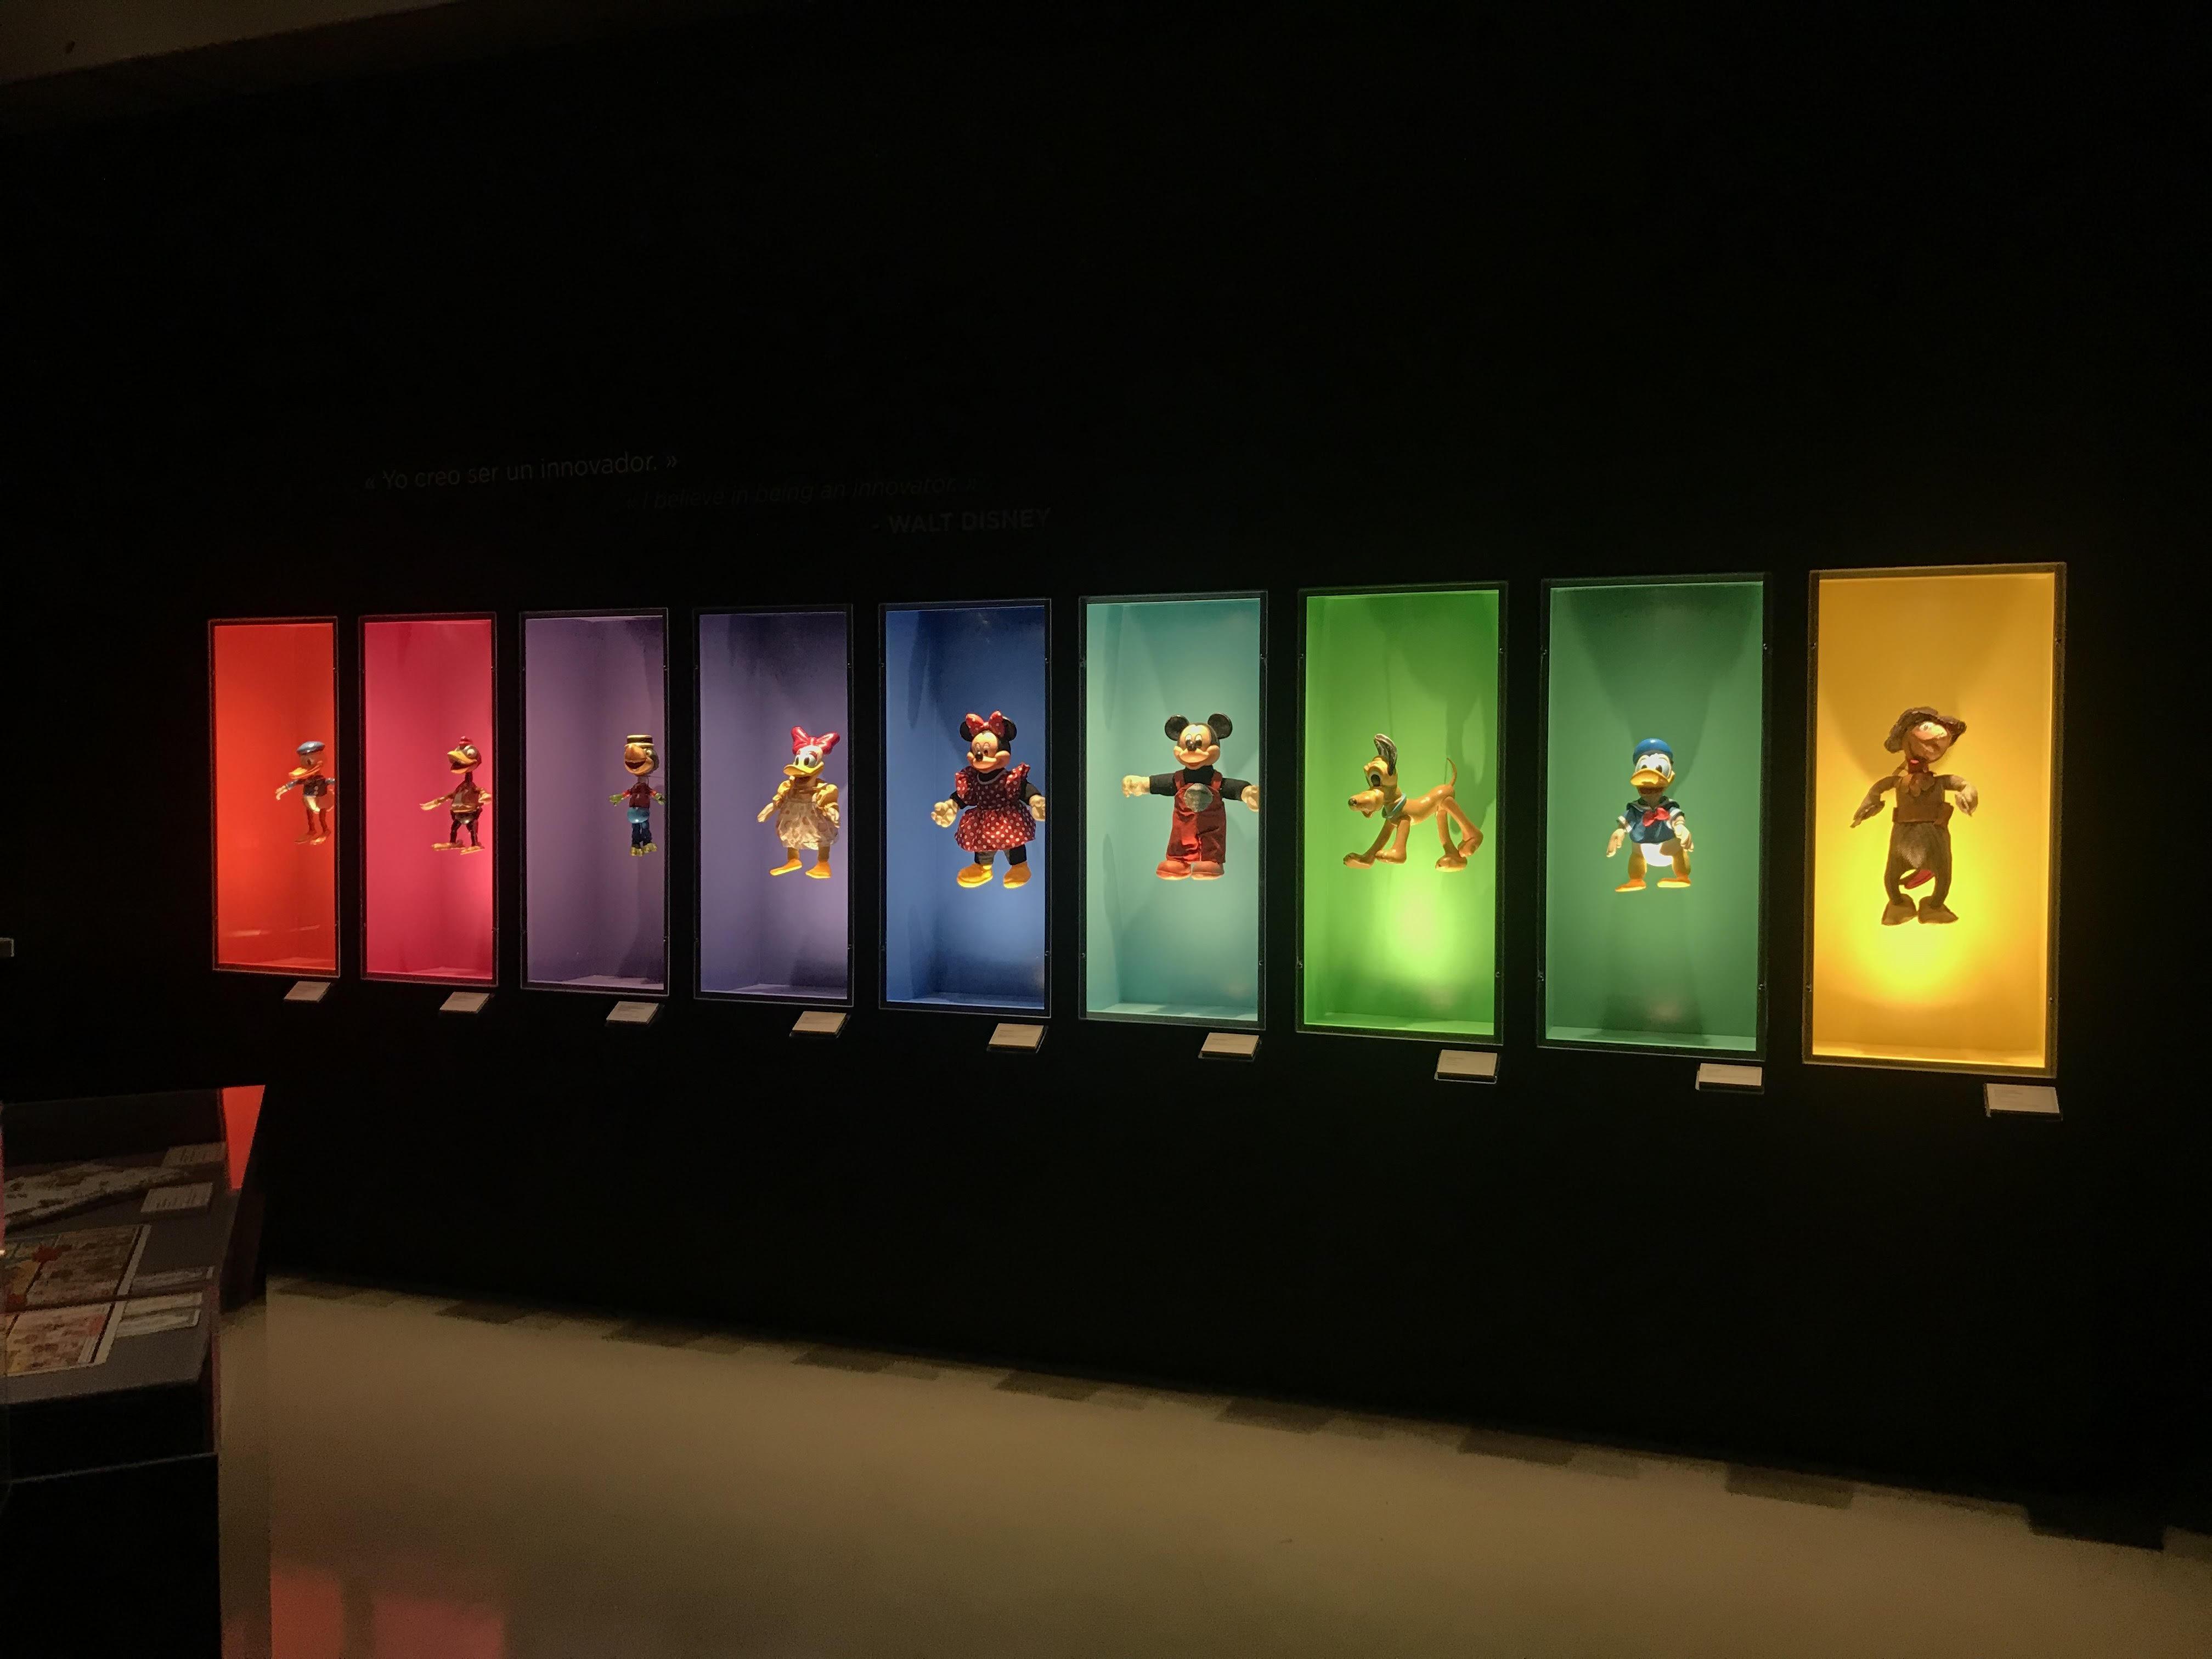 México y Walt Disney: Un encuentro mágico junto con el Arte de COCO